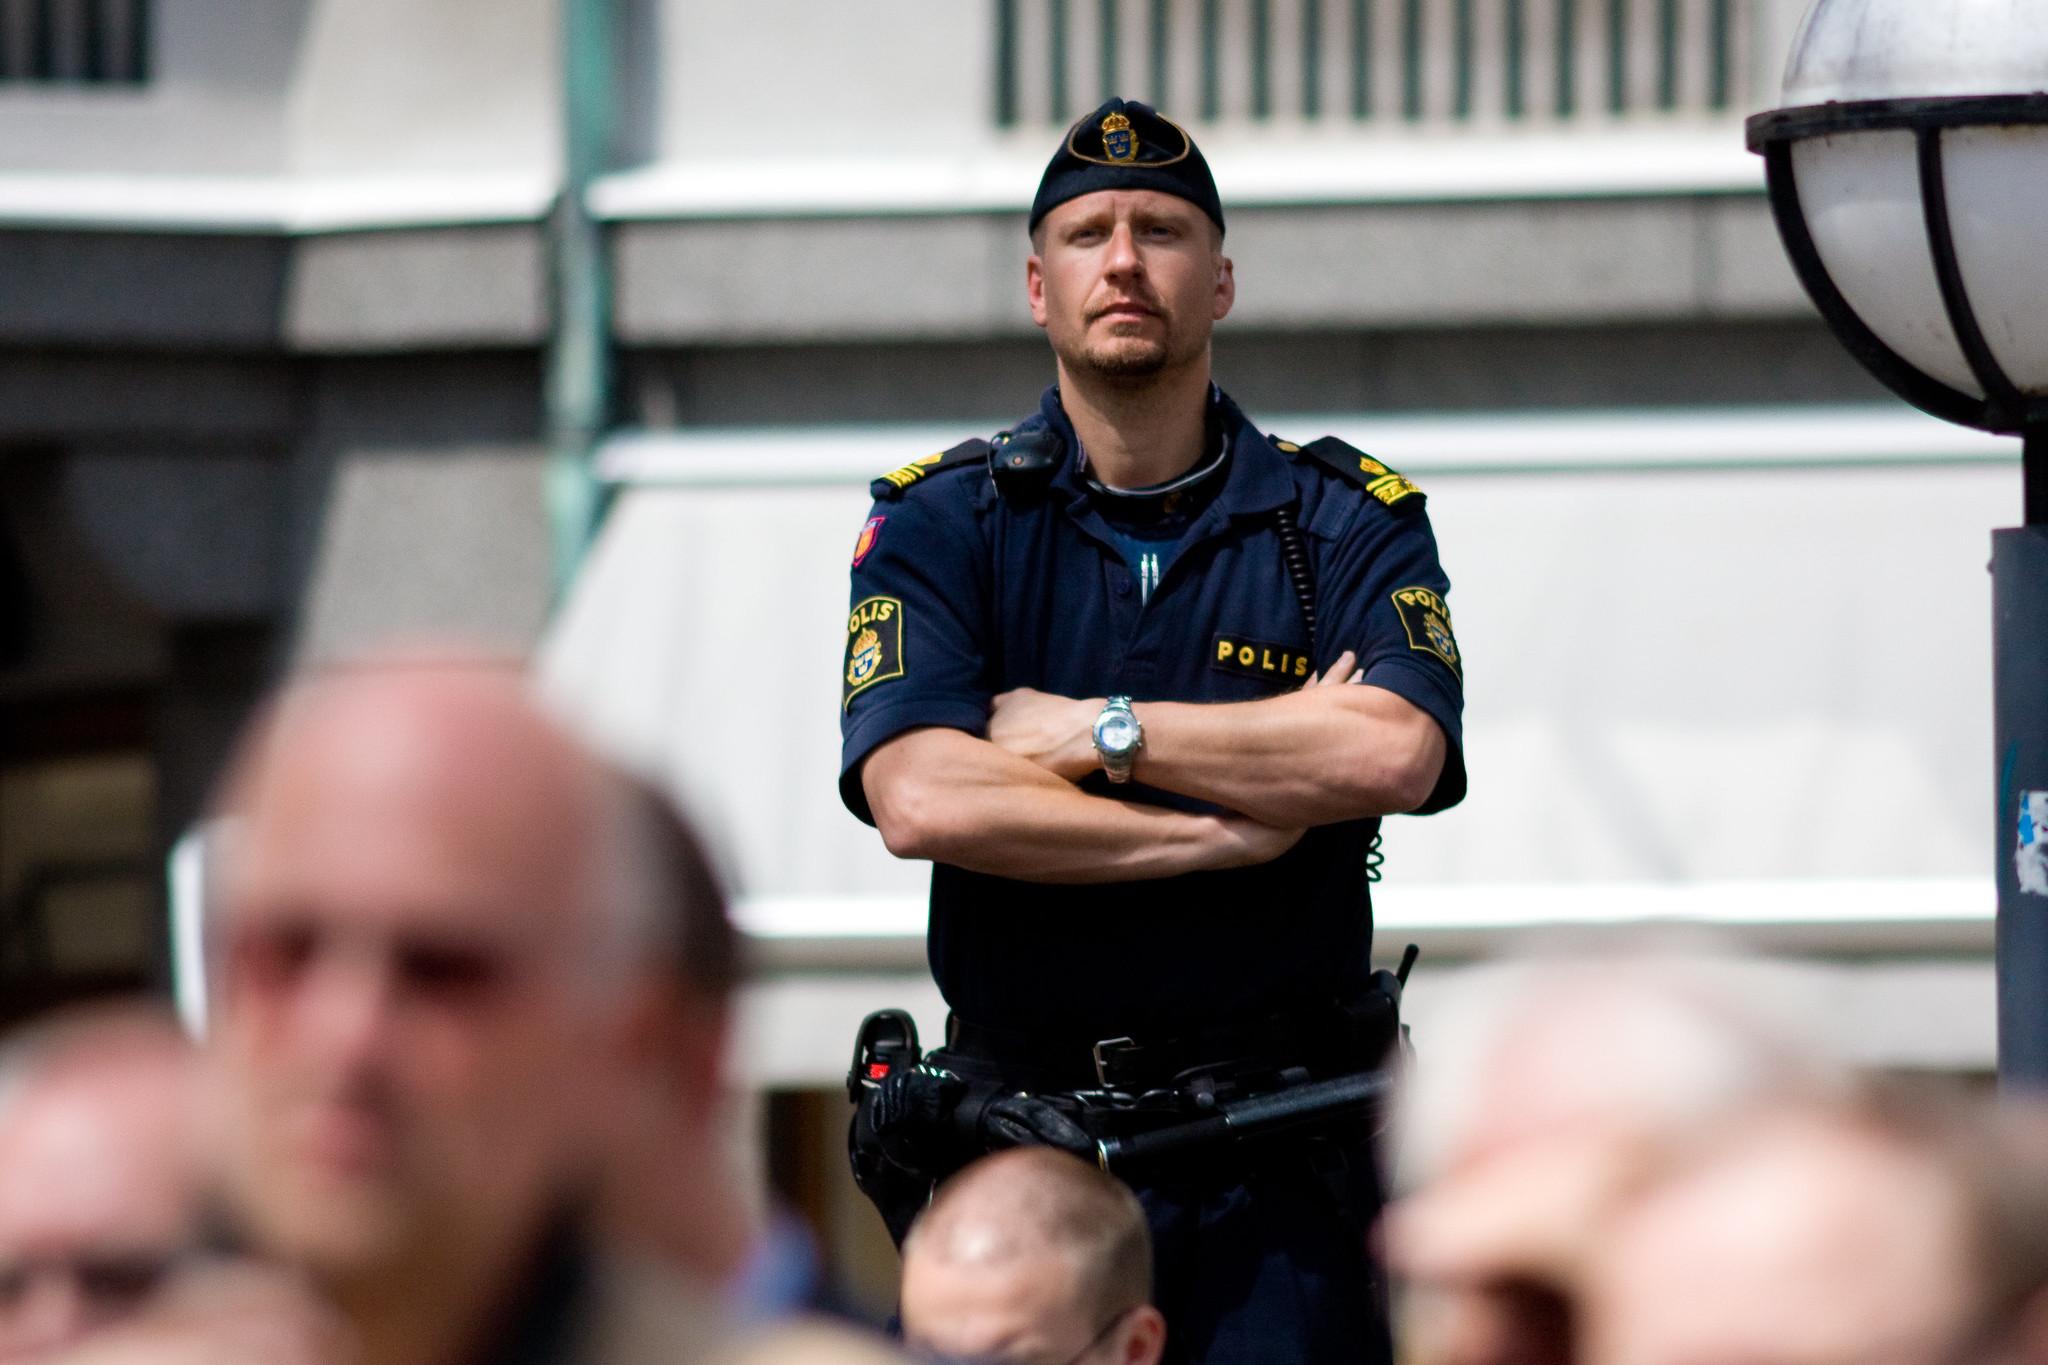 Suède: la police autorisée à utiliser des logiciels espions pour lutter contre le crime organisé